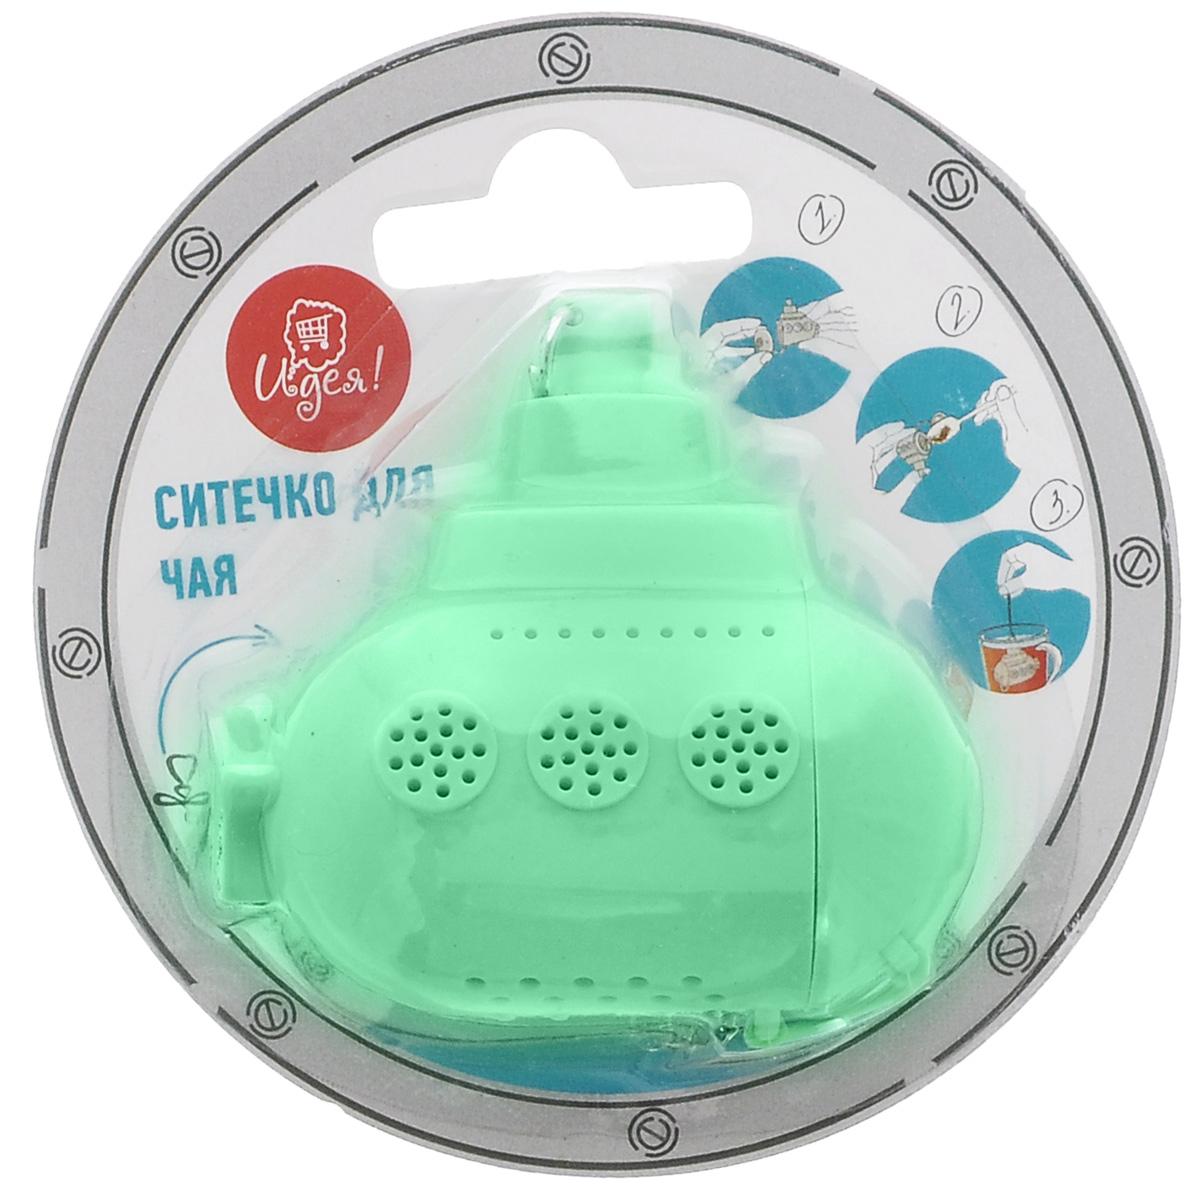 Ситечко для чая Идея Субмарина, цвет: светло-зеленыйSBM-01_светло-зеленыйСитечко Идея Субмарина прекрасно подходит для заваривания любого вида чая. Изделие выполнено из пищевого силикона в виде подводной лодки. Ситечком очень легко пользоваться. Просто насыпьте заварку внутрь и погрузите субмарину на дно кружки. Изделие снабжено металлической цепочкой с крючком на конце. Забавная и приятная вещица для вашего домашнего чаепития. Не рекомендуется мыть в посудомоечной машине. Размер фигурки: 6 см х 5,5 см х 3 см.